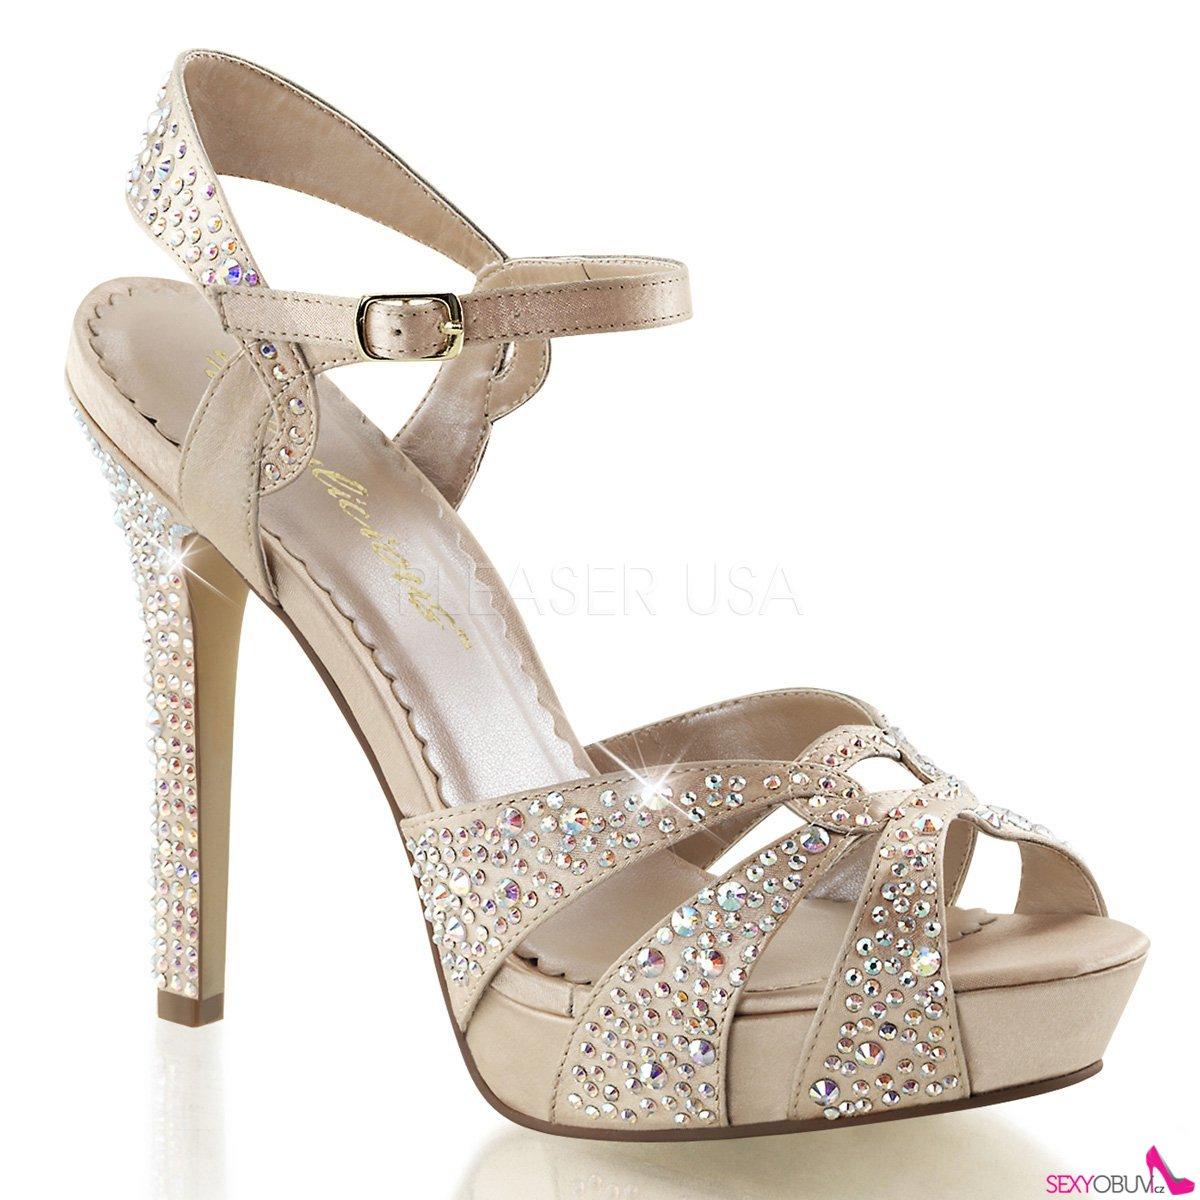 LUMINA-23 Šampaň páskové dámské luxusní lodičky na podpatku ... ceccbd336a